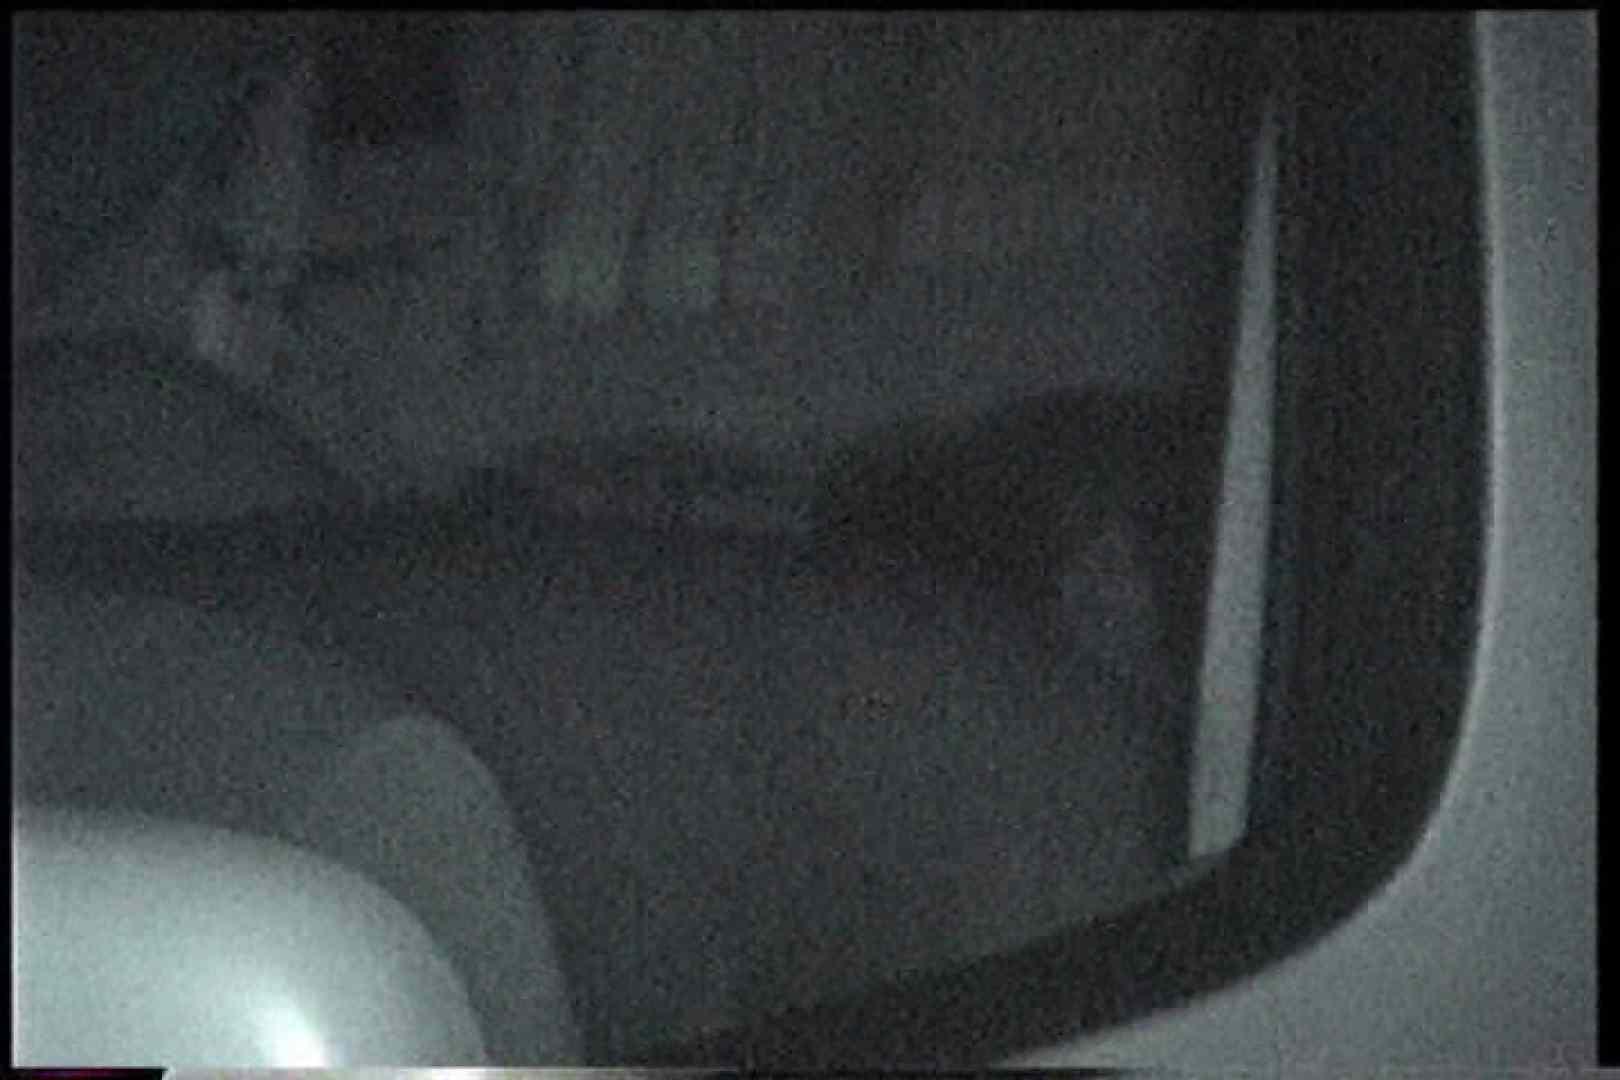 充血監督の深夜の運動会Vol.177 前編 OLセックス 盗み撮りオマンコ動画キャプチャ 79画像 38